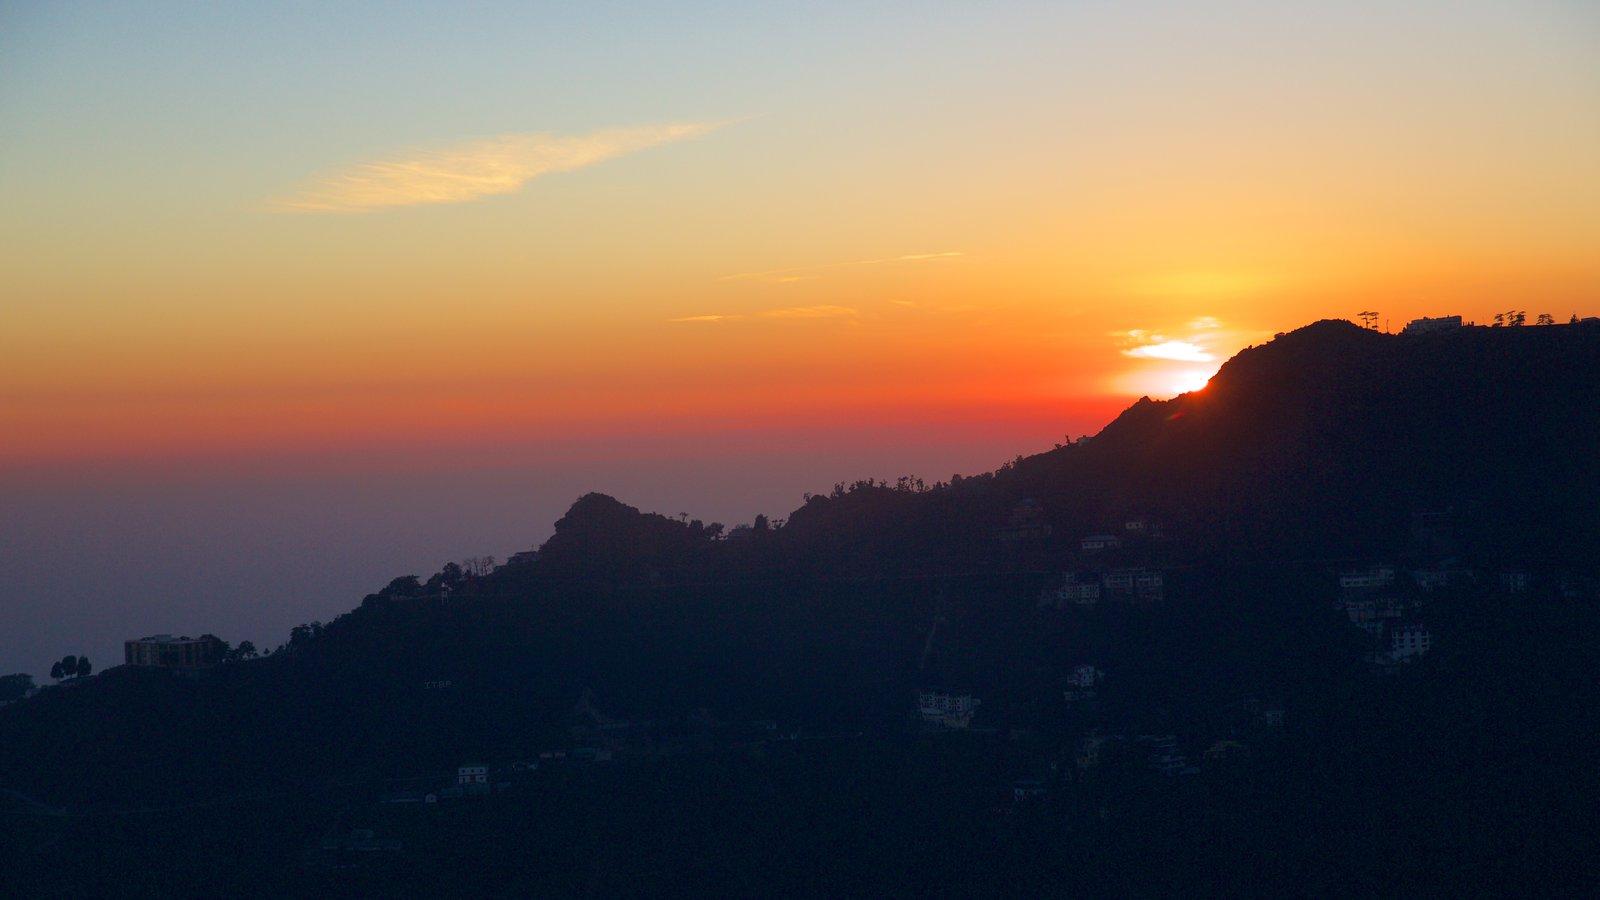 Gun Hill featuring a sunset